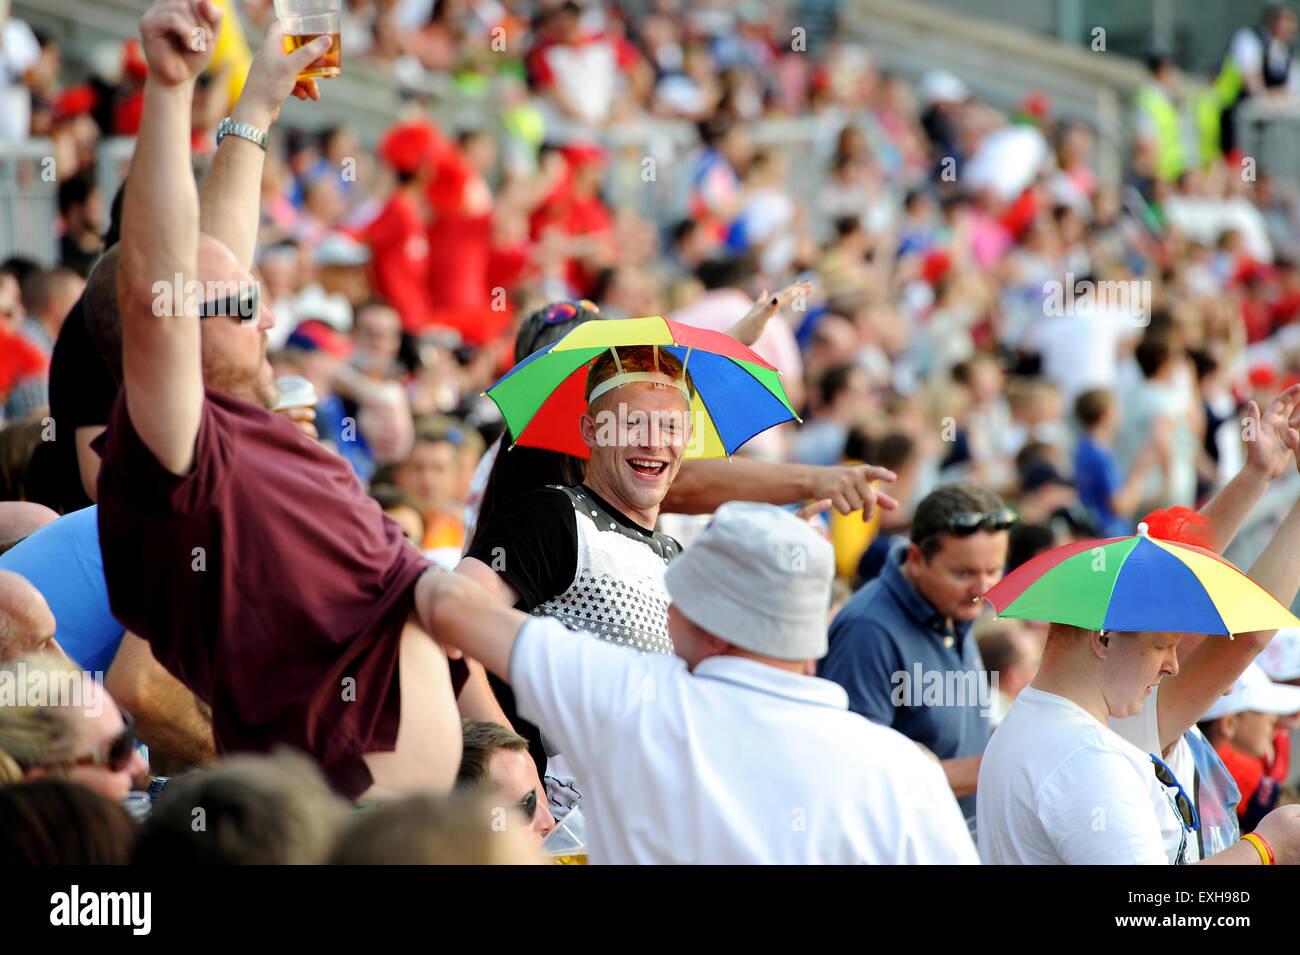 Fans de célébrer dans la foule à Unis Old Trafford, Manchester, Angleterre. T20 Blast cricket Lancashire Photo Stock